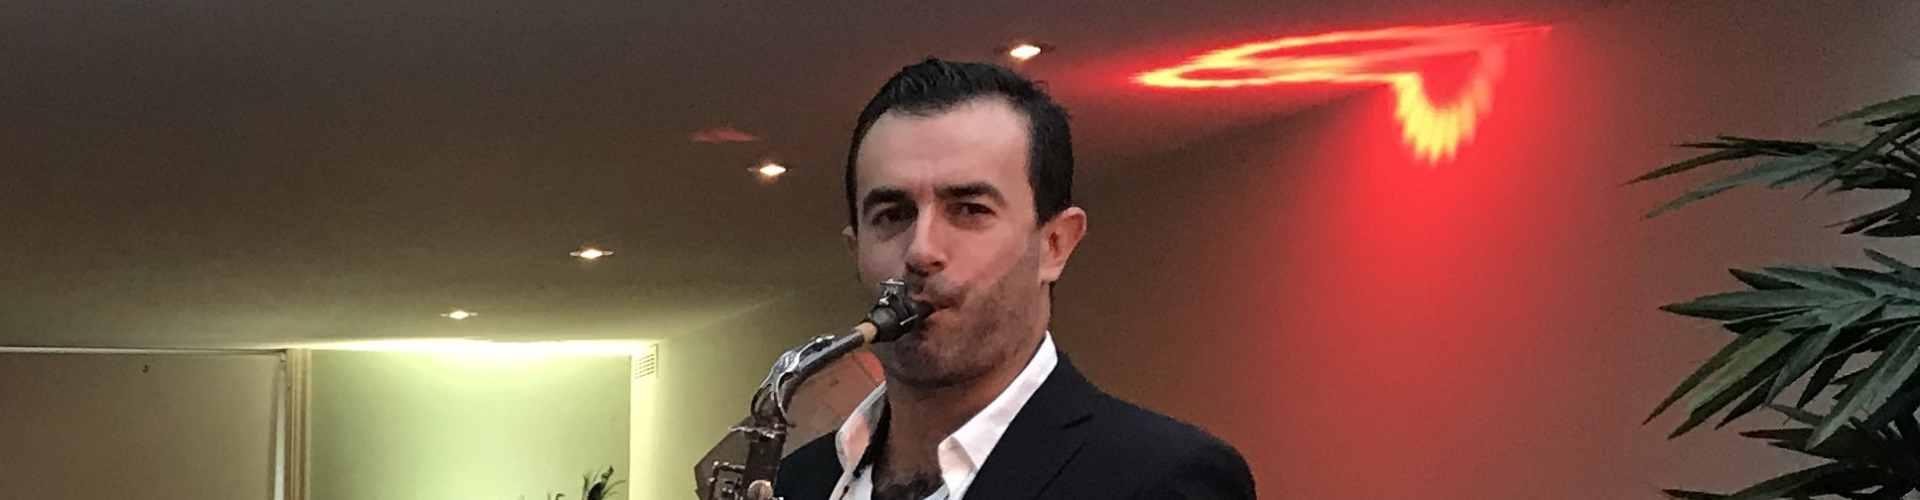 Saxofonist Rafaël huren voor exclusieve bruiloft